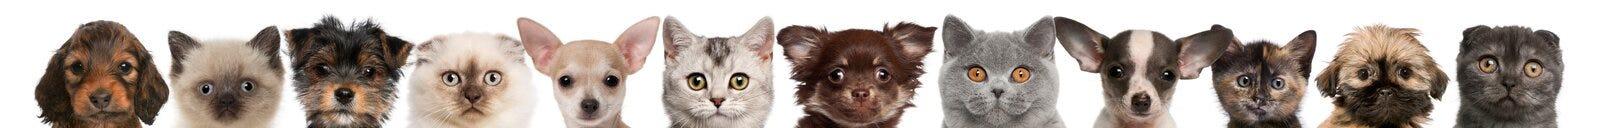 Άποψη των κεφαλιών κουταβιών και γατακιών Στοκ φωτογραφία με δικαίωμα ελεύθερης χρήσης